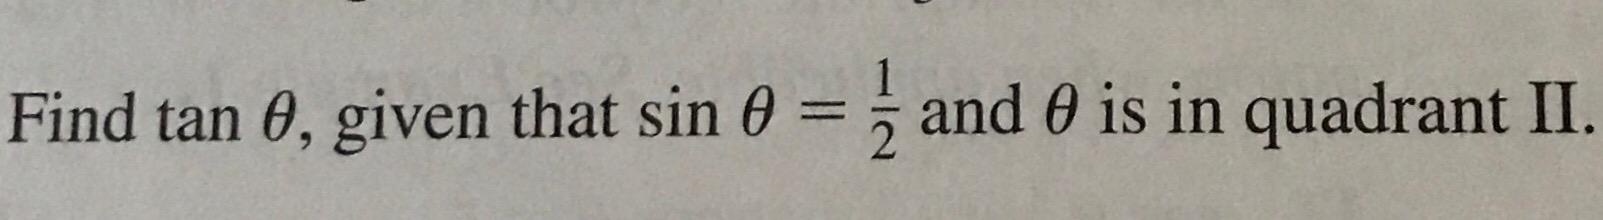 Find tan θ, given that sin θ and θ is in quadrant II.